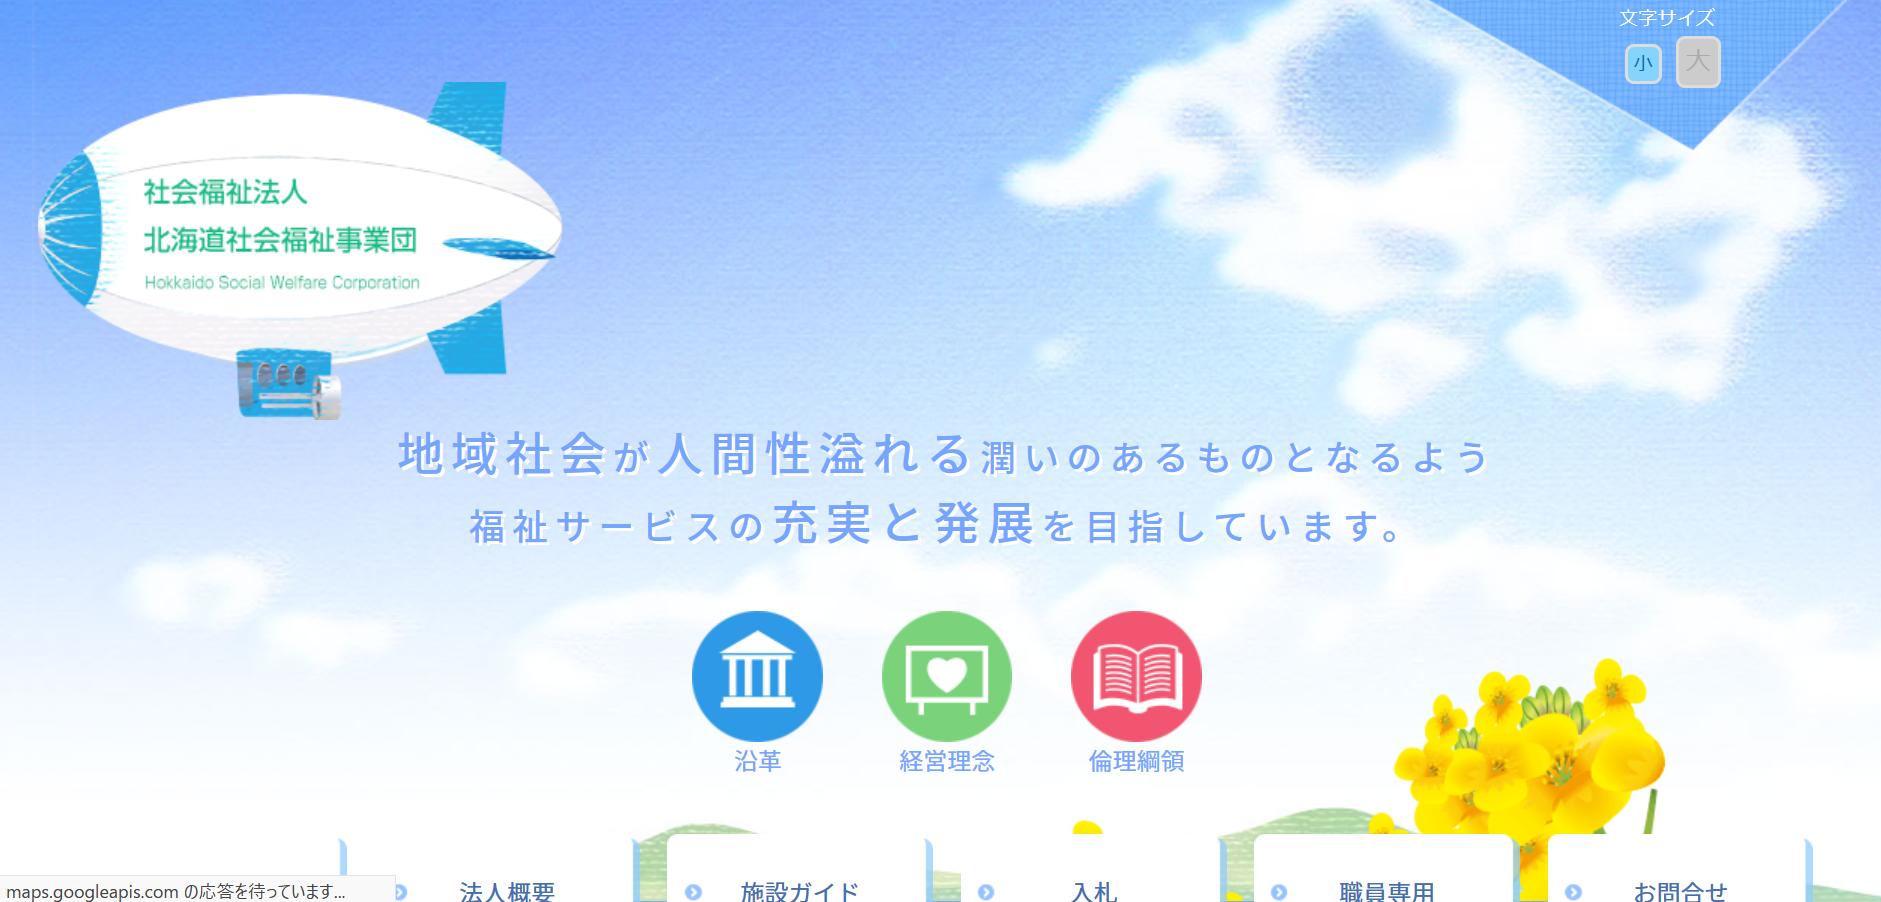 北海道社会福祉事業団の働きやすさ・評判は?